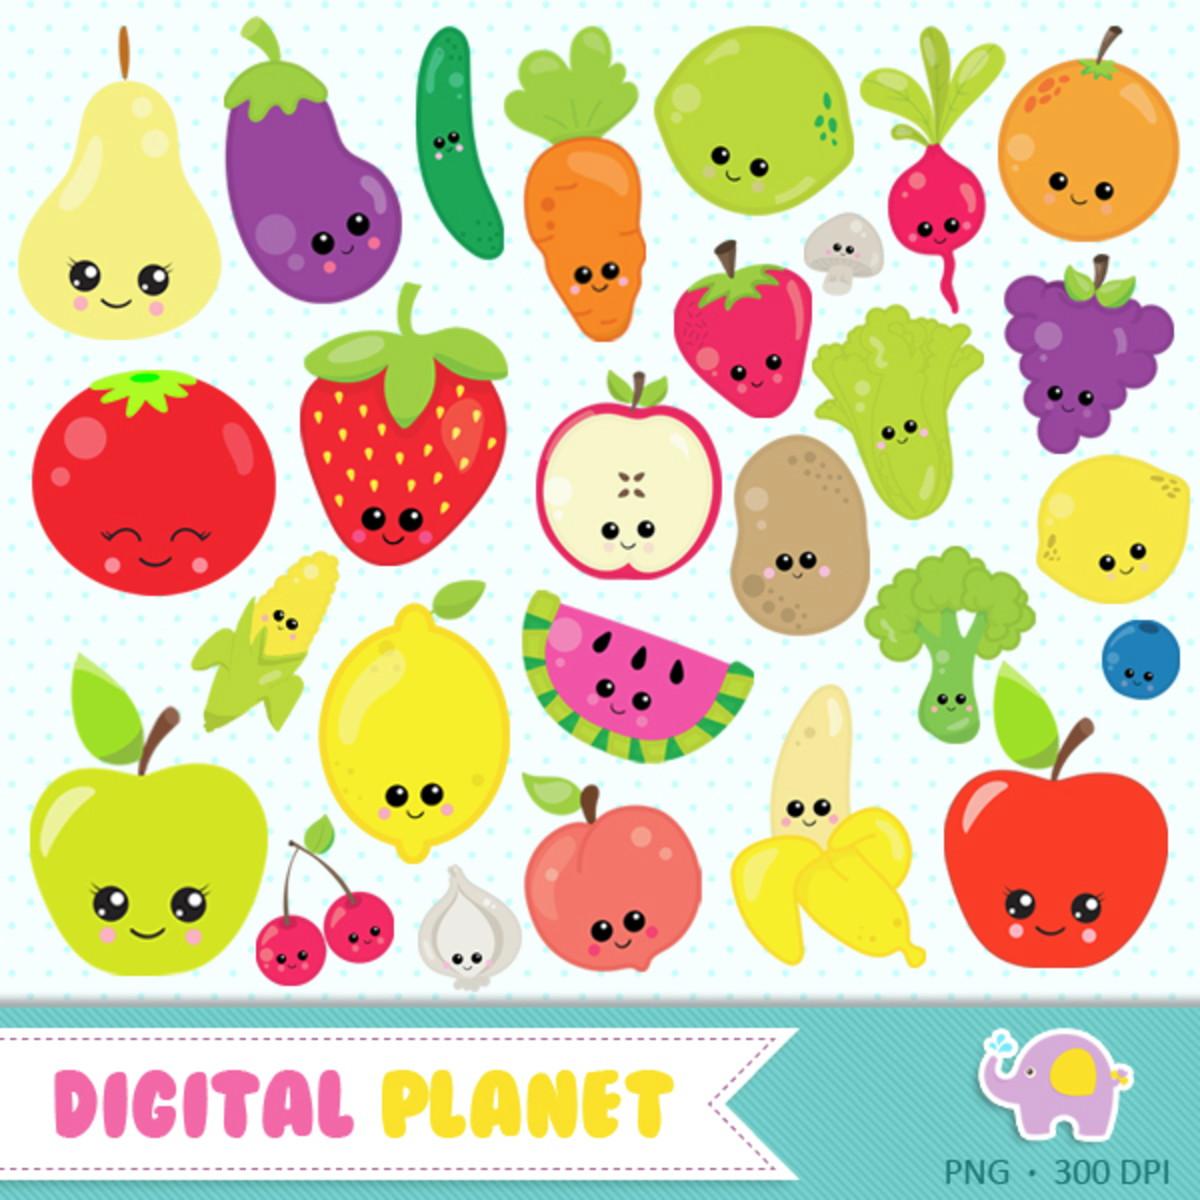 Kit Digital Frutas E Legumes No Elo7 Digital Planet 104e864